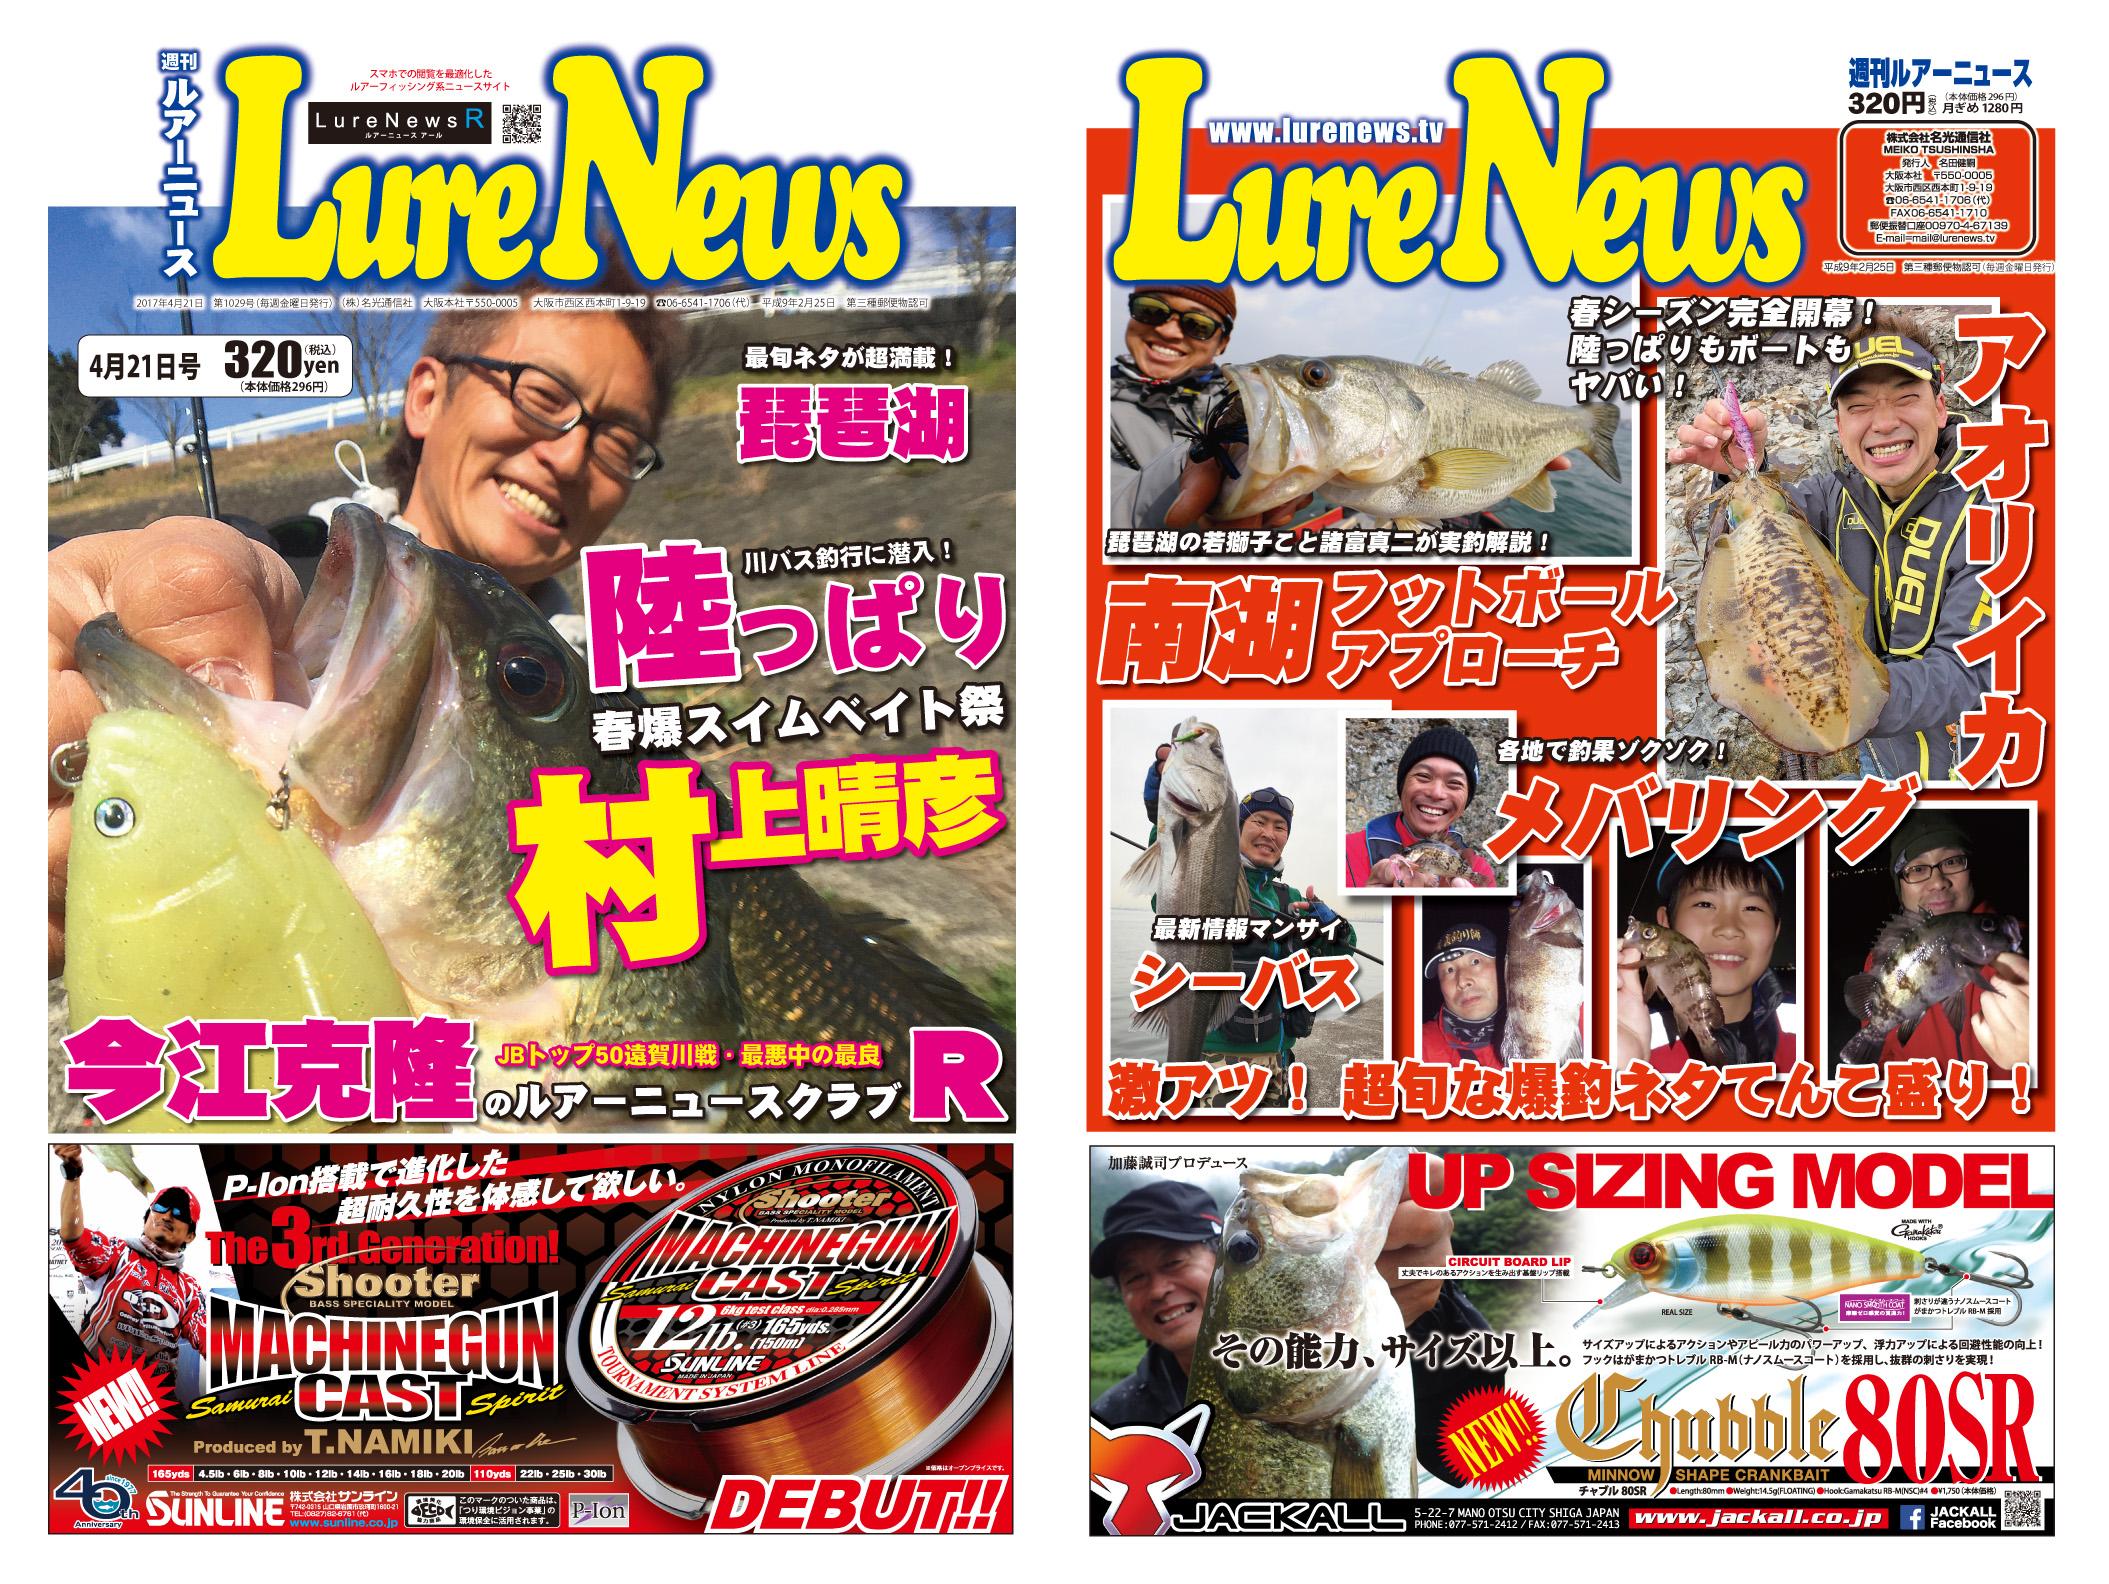 http://lurenews.tv/LureNews1029hyoushi.jpg